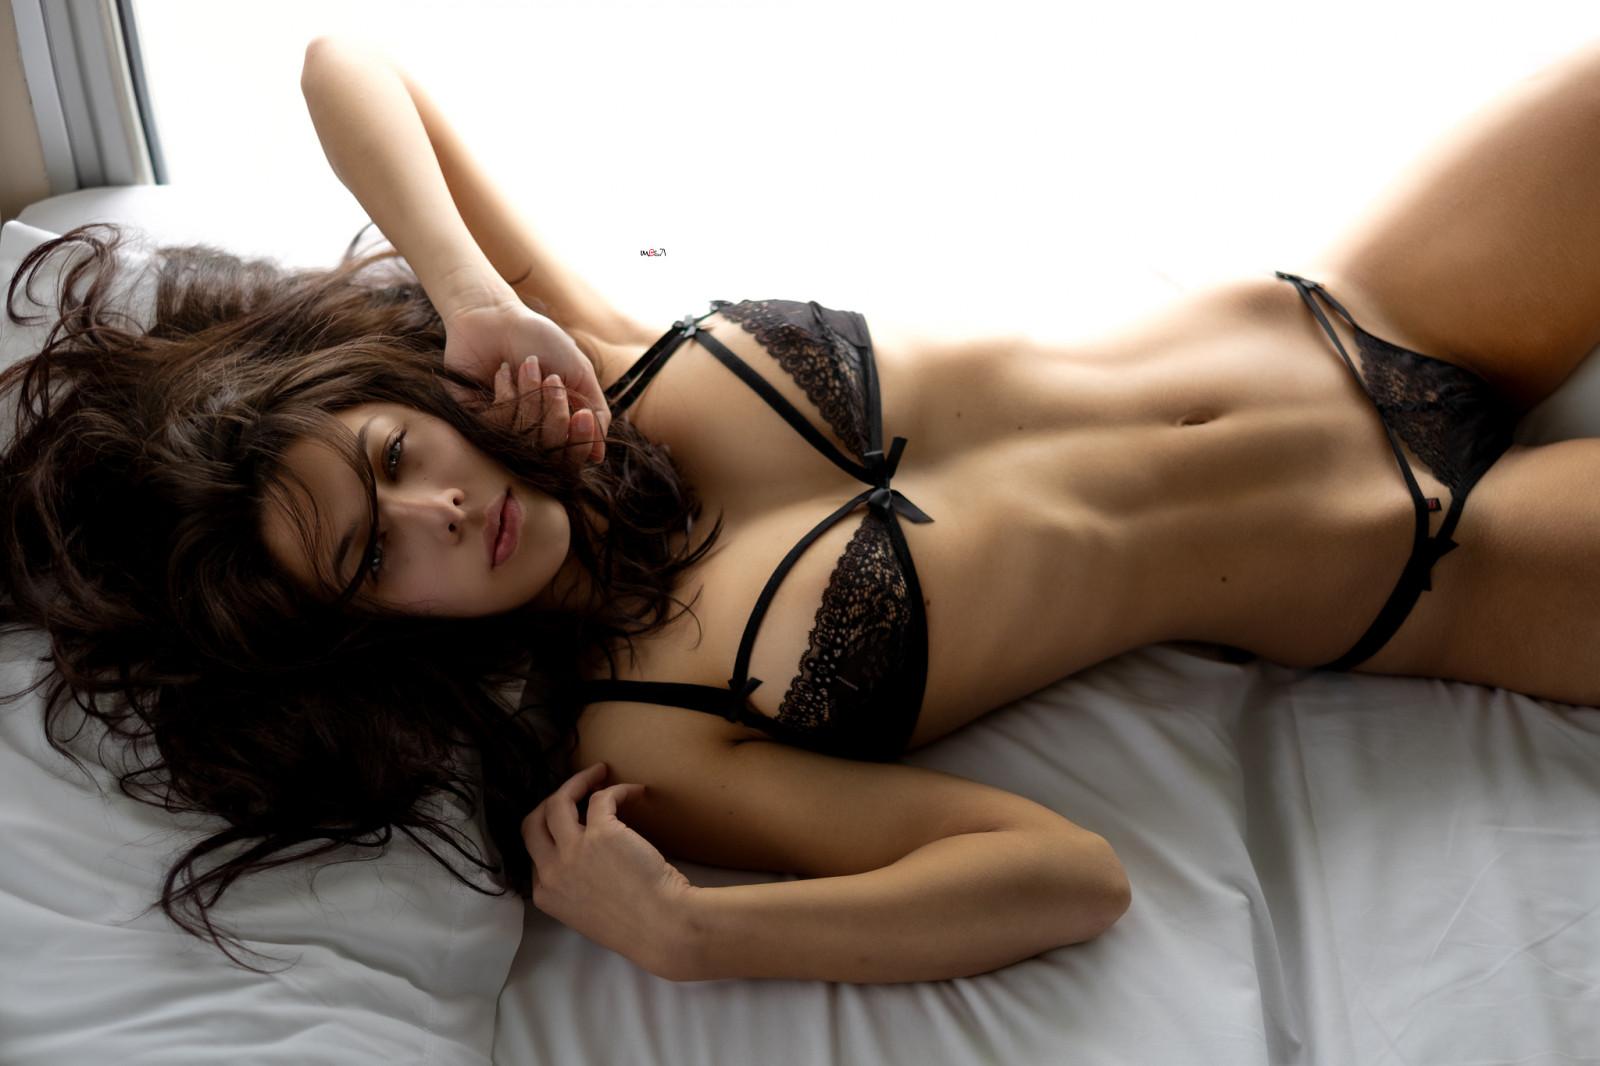 Красивое нижнее белье снимает красиво девушка посмотреть видео хорошего качества